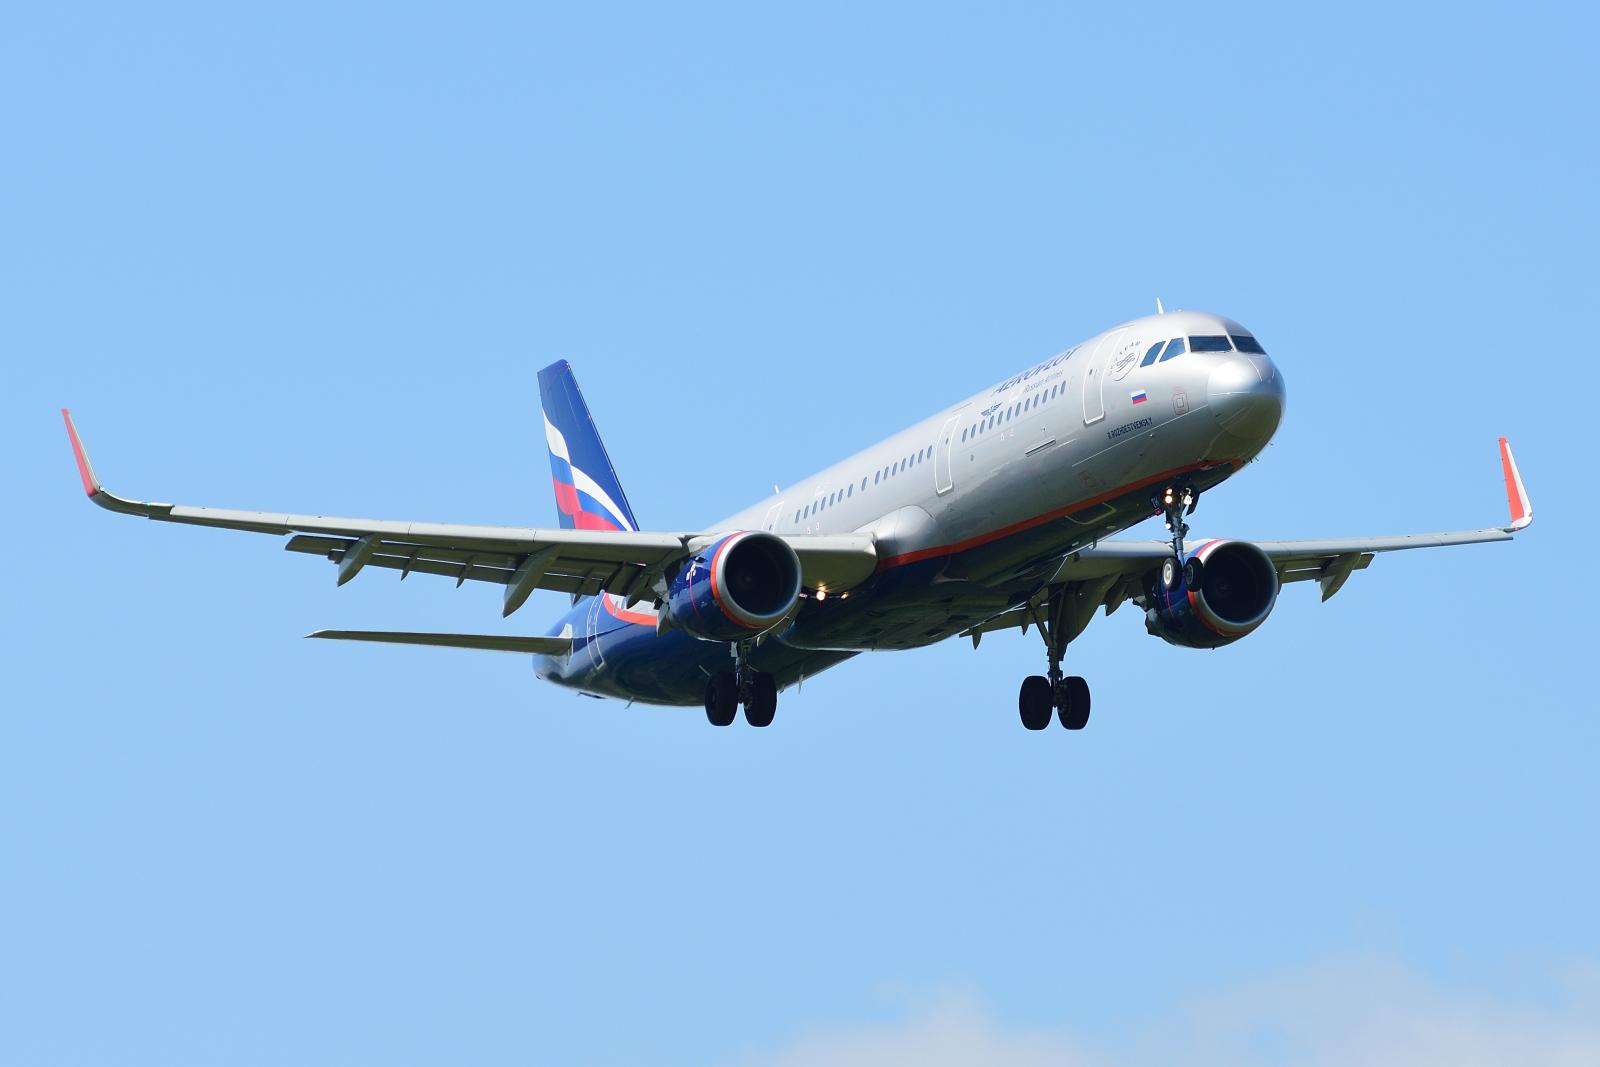 Airbus A321, VP-BTH